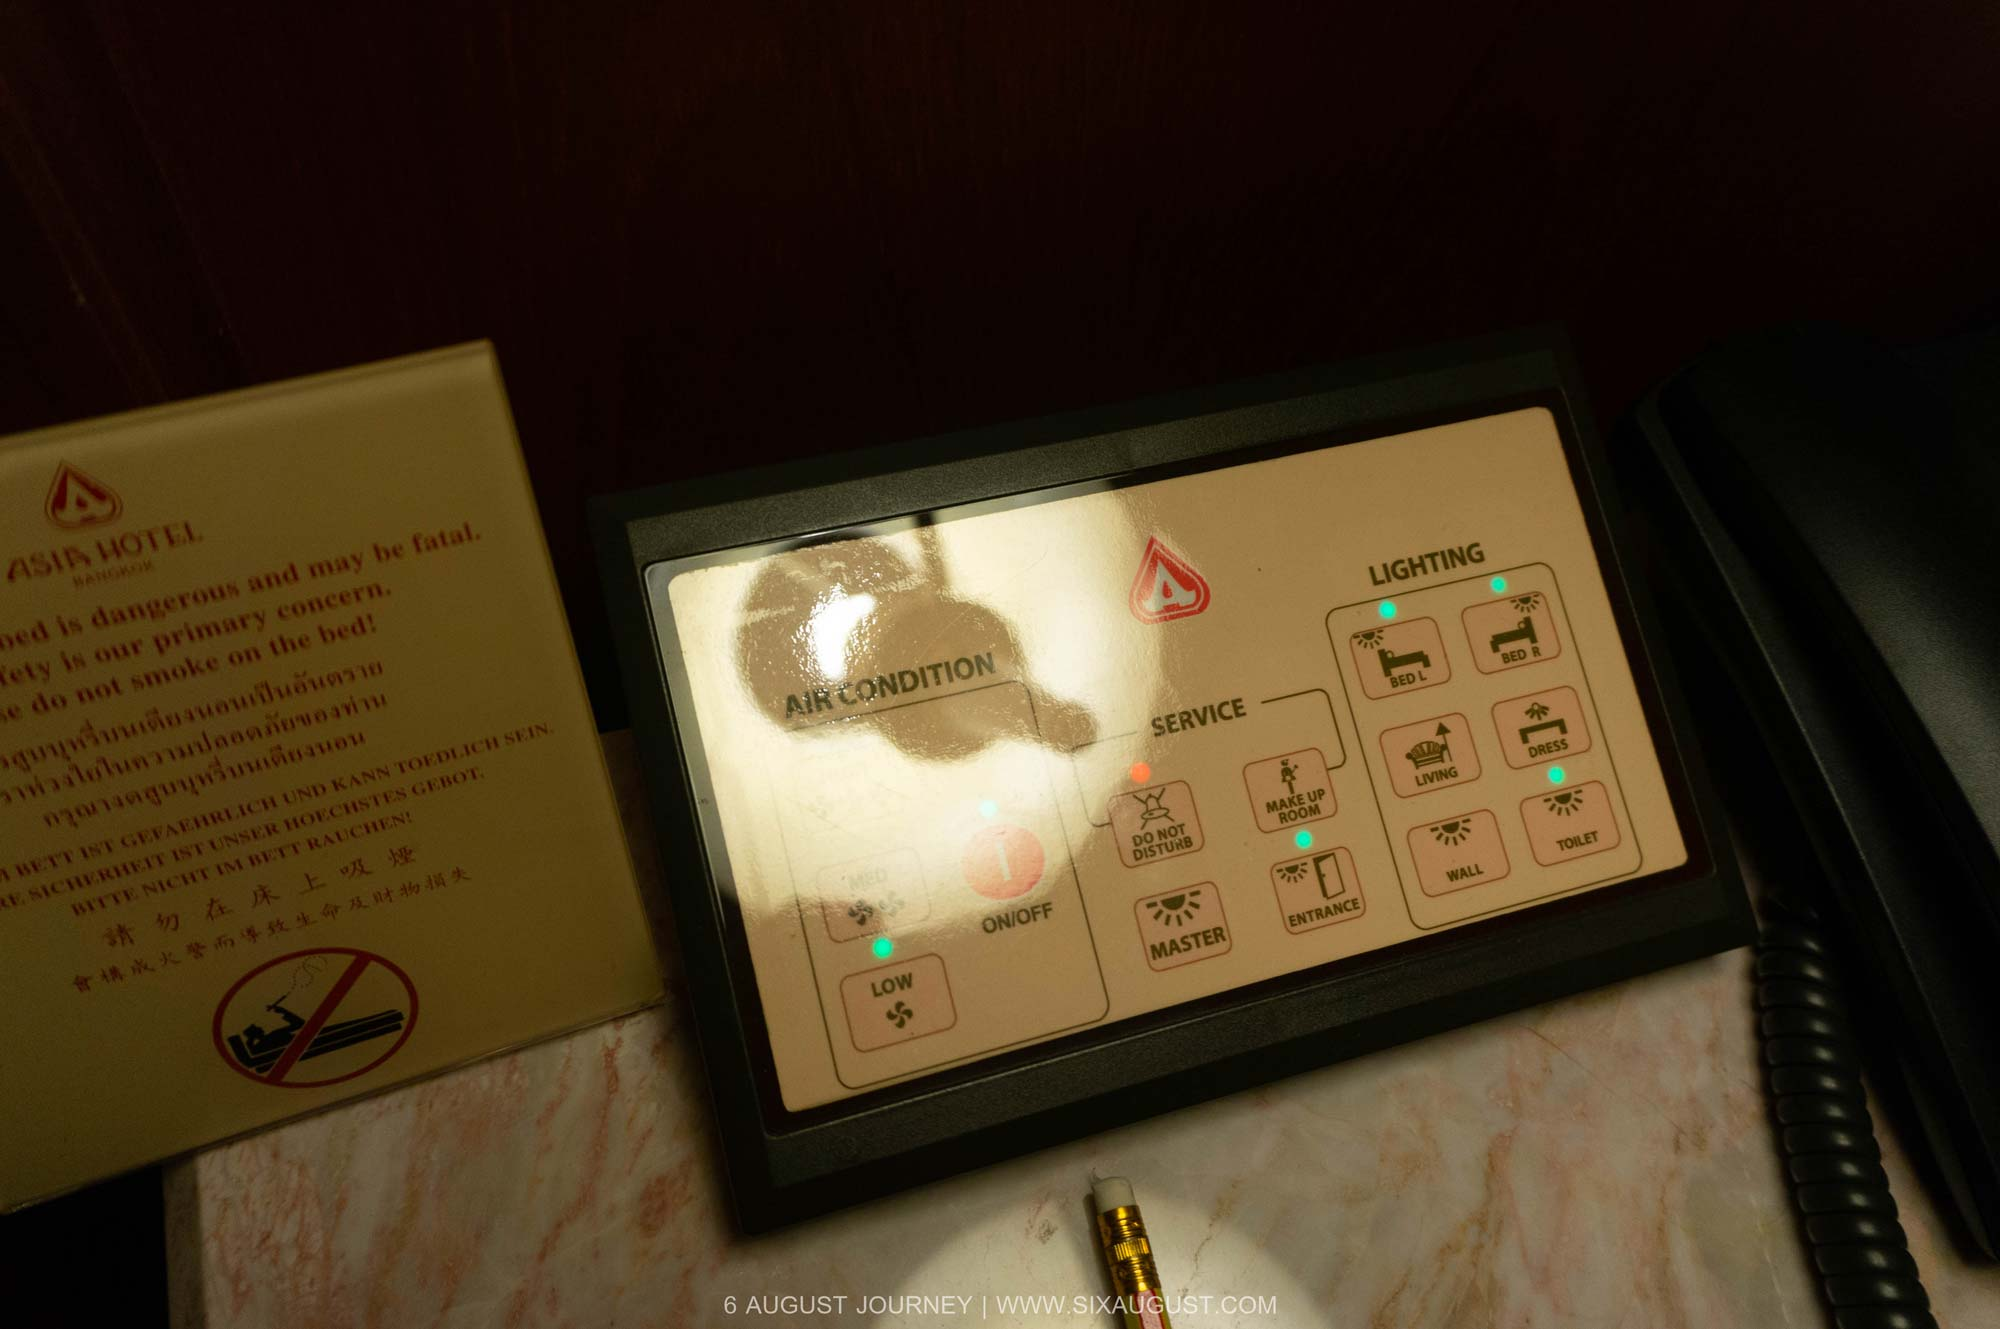 อุปกรณ์บังคับไฟ โรงแรมเอเชีย รีวิว